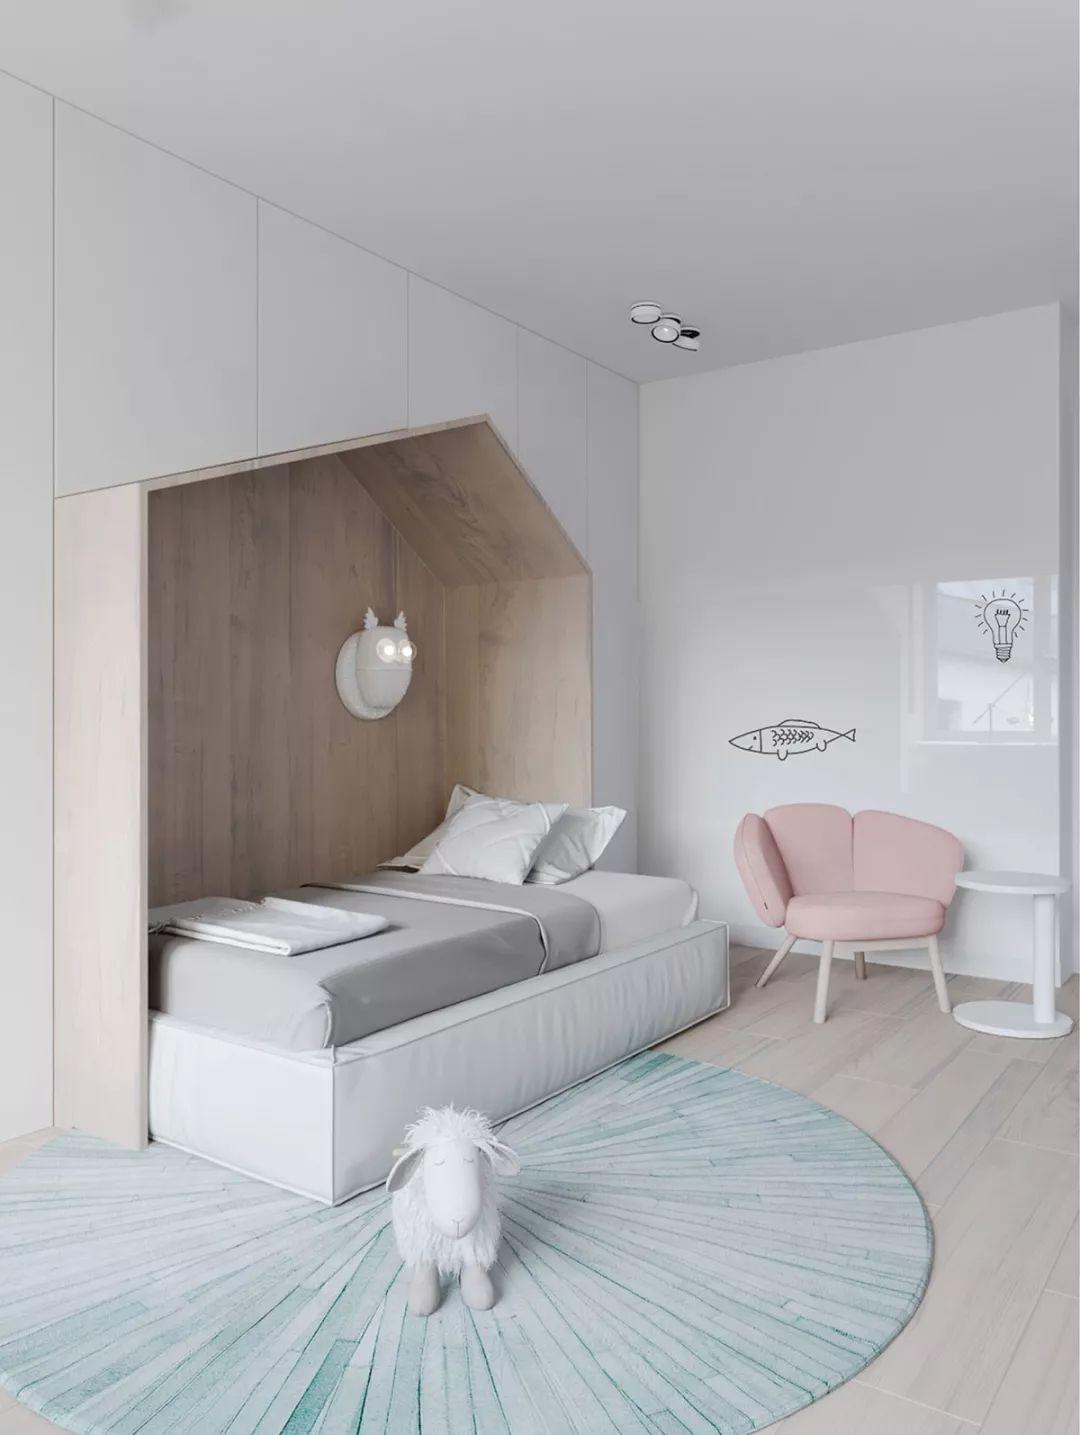 简约 现代 混搭 鹏友百年 半包 全包 全案设计 卧室图片来自鹏友百年装饰在一家三口的幸福蓝的分享